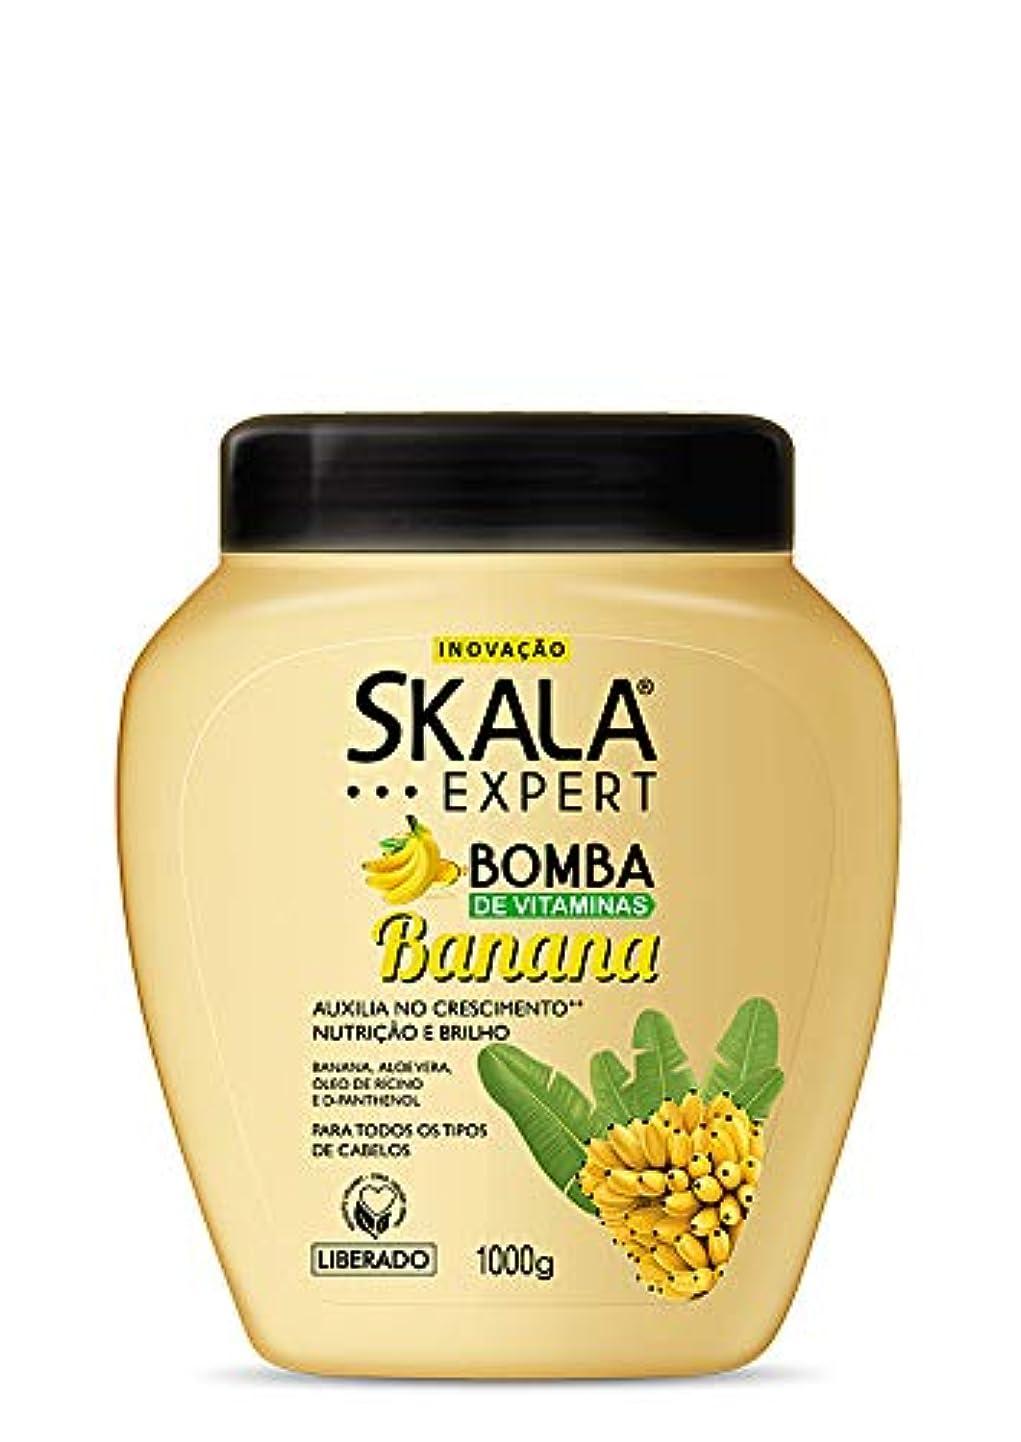 回復専門用語失態Skala Expert スカラ バナナ ビタミン ボンブ トリートメント 1kg